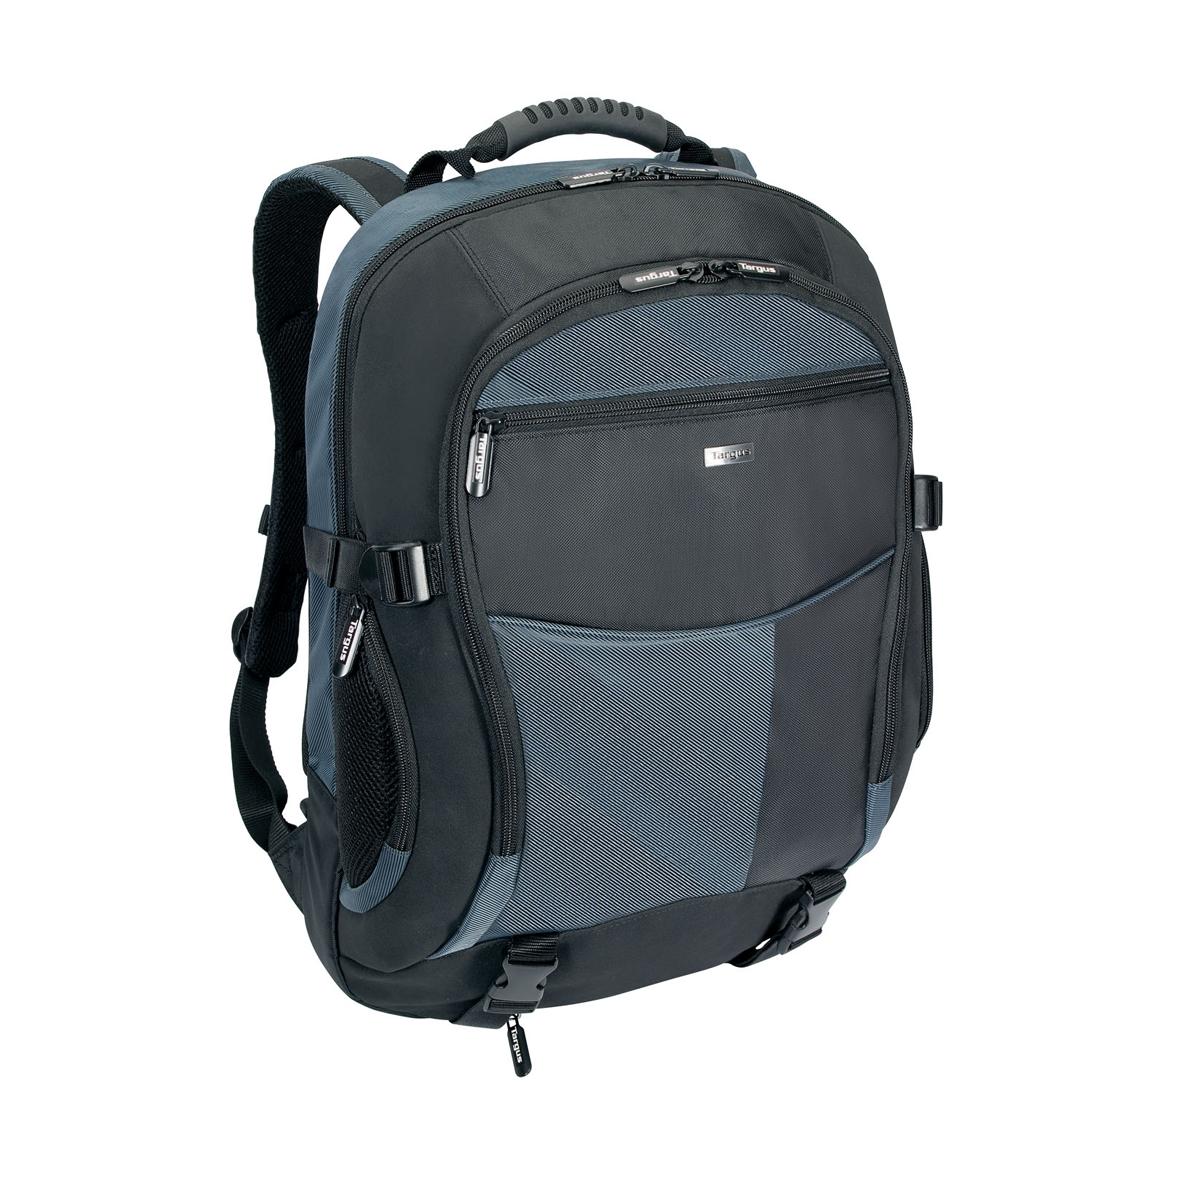 Pour quel sac/cartable/besace/gibecière avez-vous opté pour trimballer votre bazar ? - Page 40 0010971_atmosphere-17-18-xl-laptop-backpack-blackblue